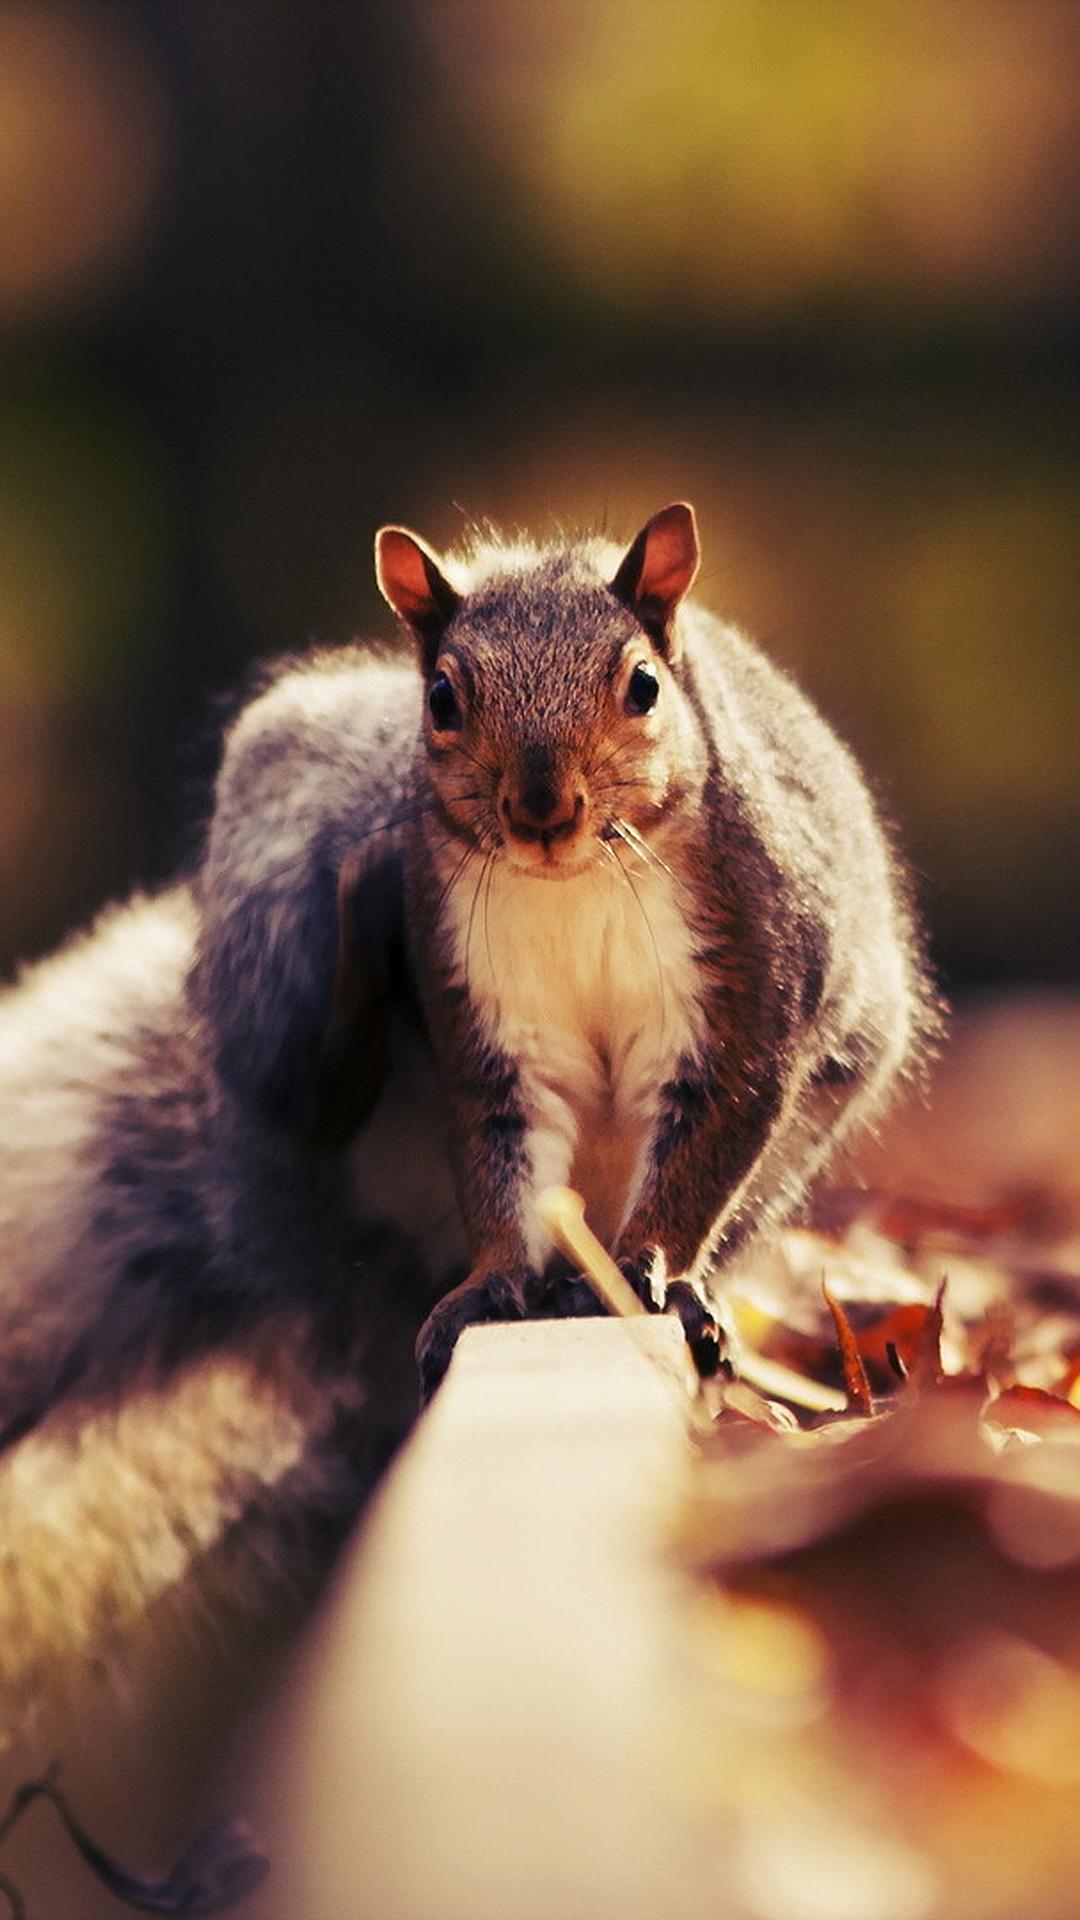 松鼠 动物 特写 可爱